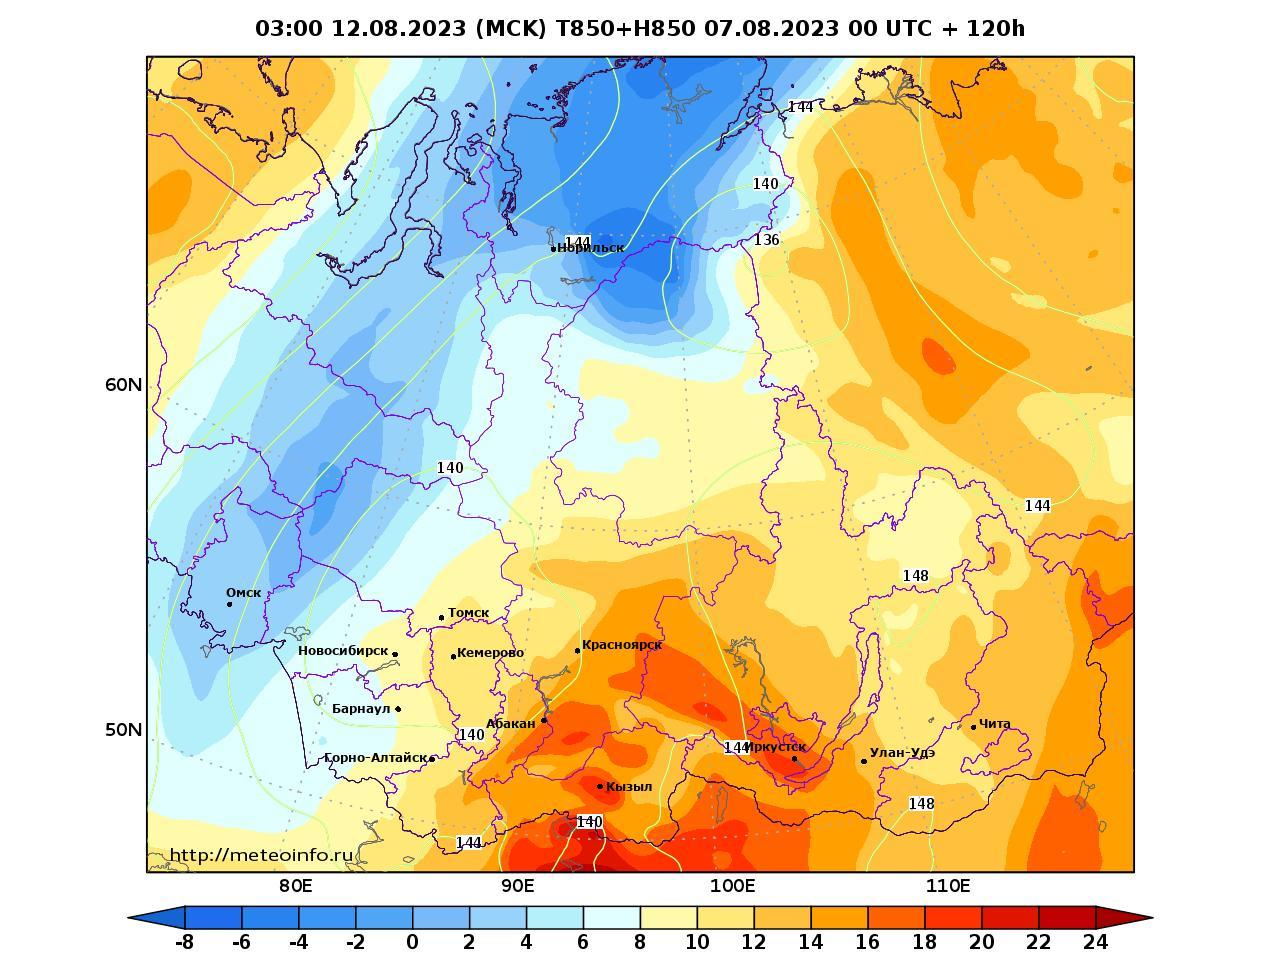 Сибирский Федеральный округ, прогностическая карта температура T850 и геопотенциал H850, заблаговременность прогноза 120 часов